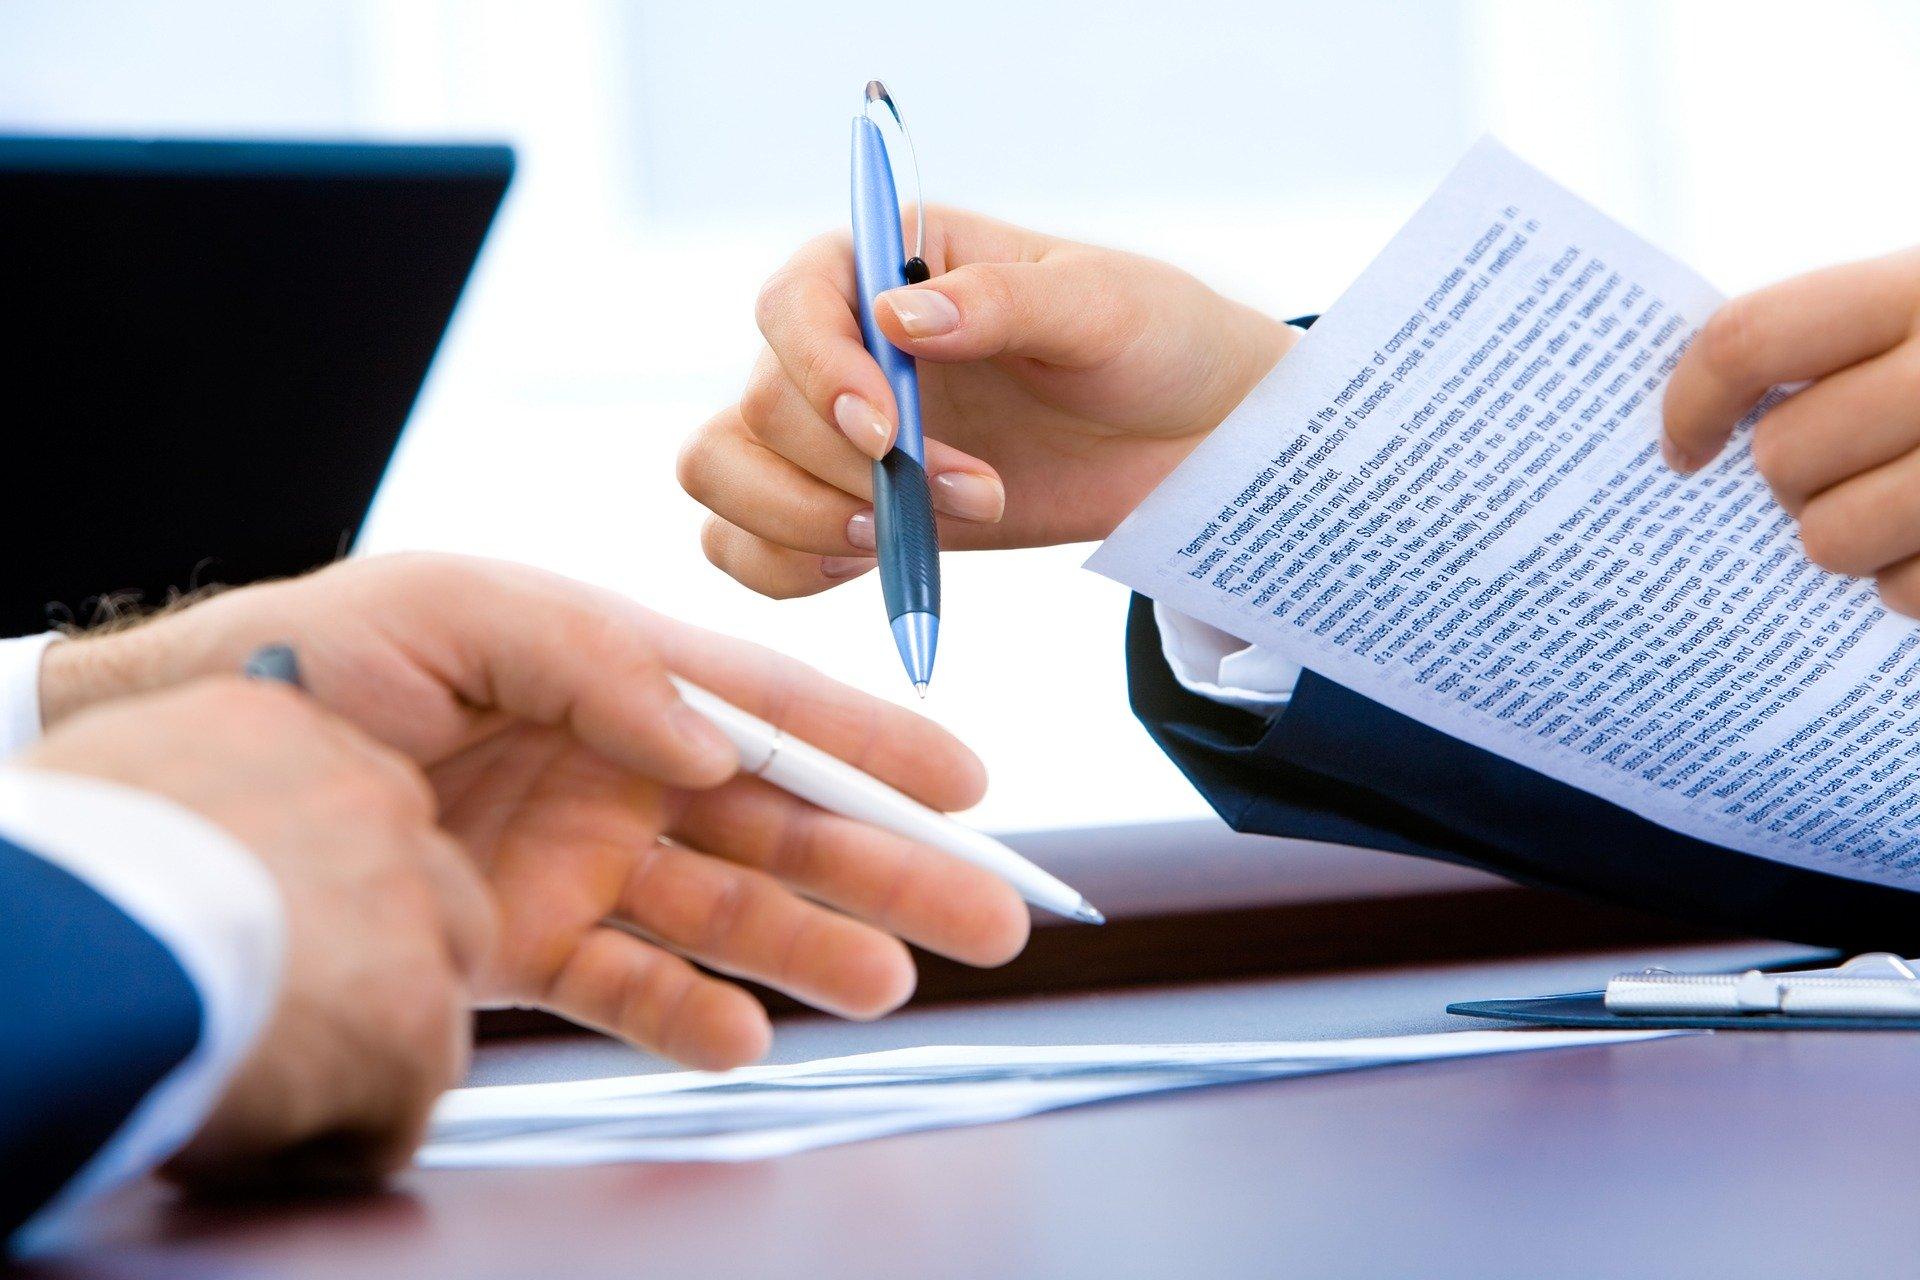 Projednávaná novela zákona č. 134/2016 Sb., o zadávání veřejných zakázek, ve znění pozdějších předpisů